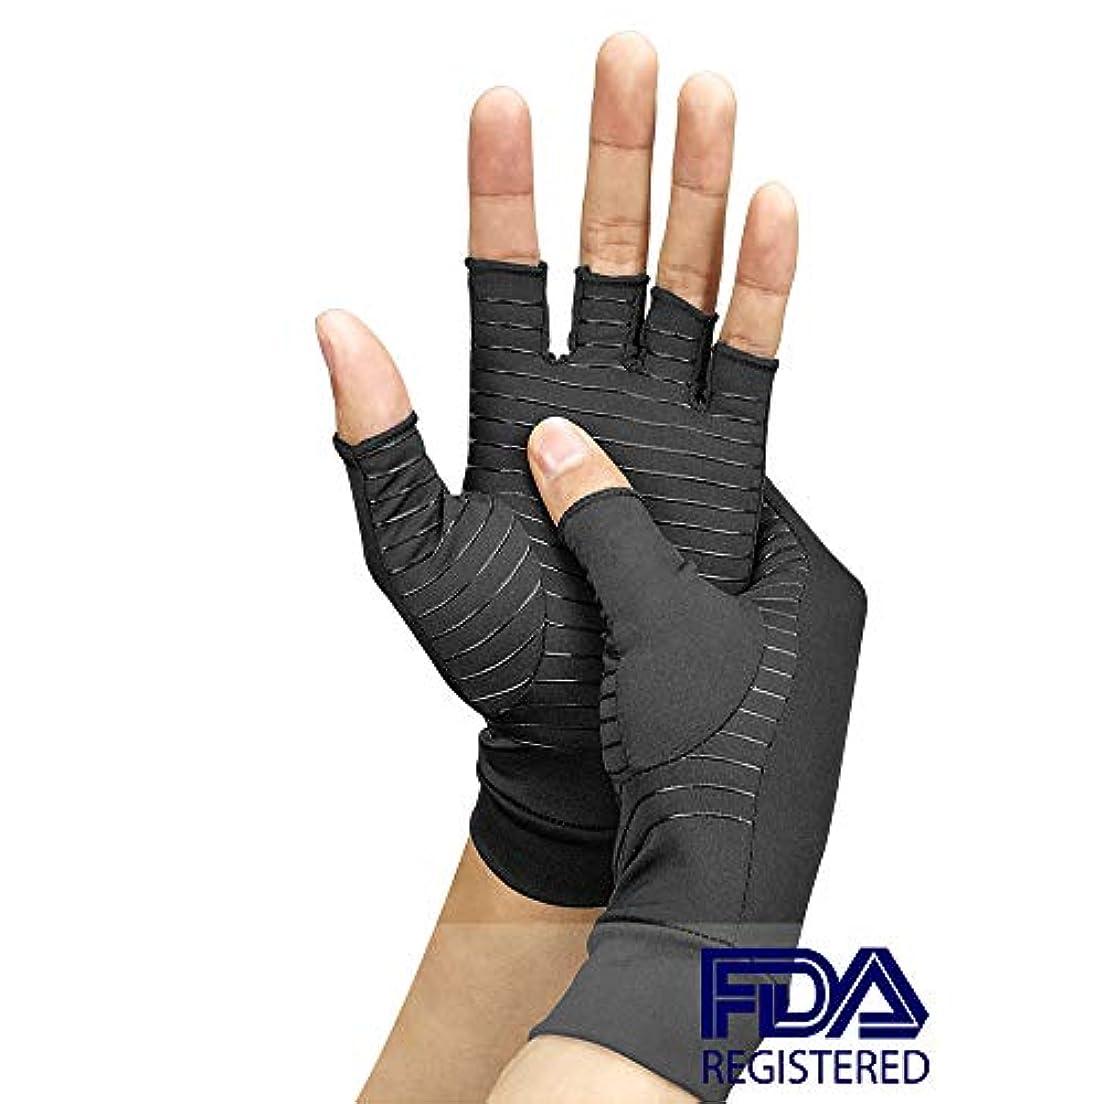 雑草チョップ写真の関節炎圧縮手袋は、リウマチ、RSI、手根管のコンピューター入力と日常作業、手と関節のサポートから痛みを和らげます